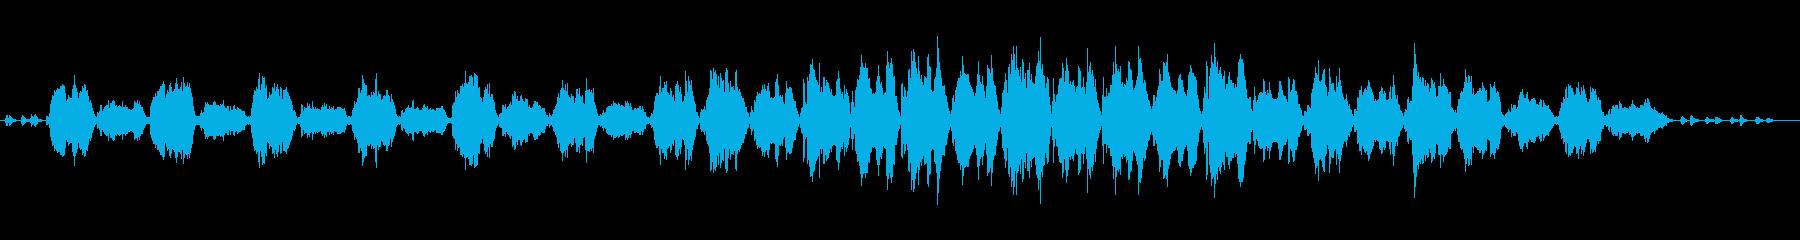 ゆっくりおおらかな曲の再生済みの波形